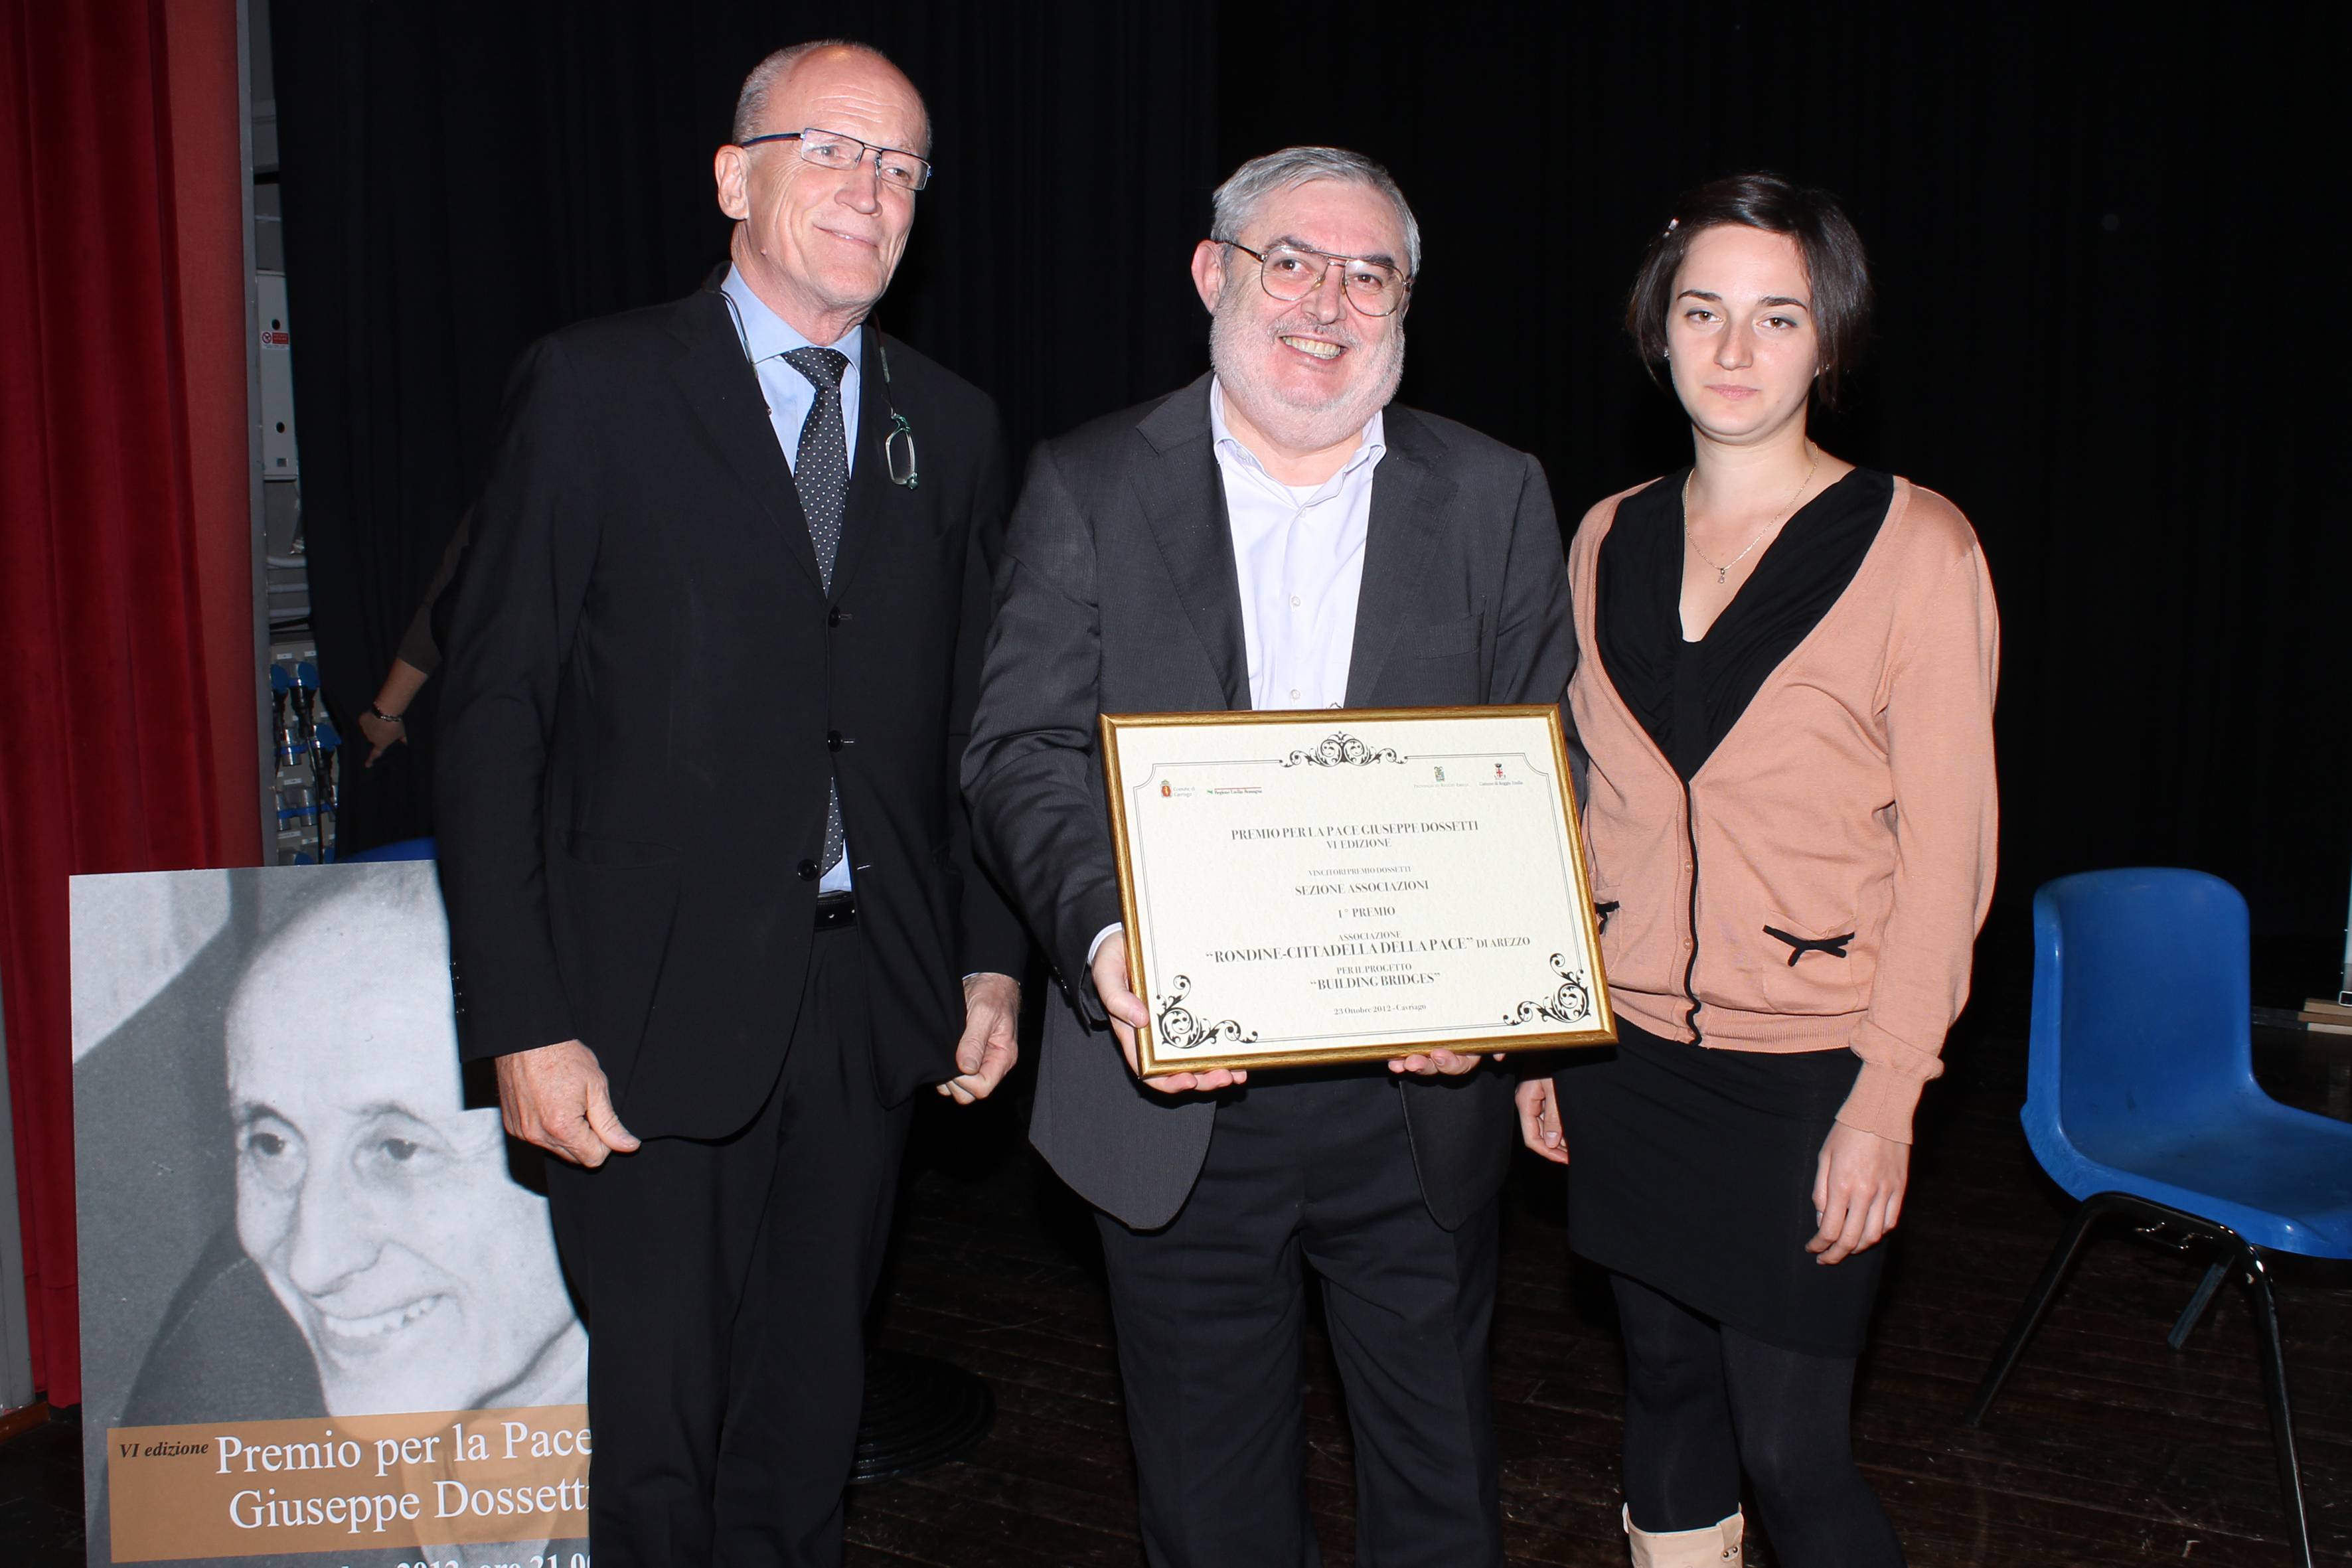 Rondine riceve il Premio per la Pace G. Dossetti